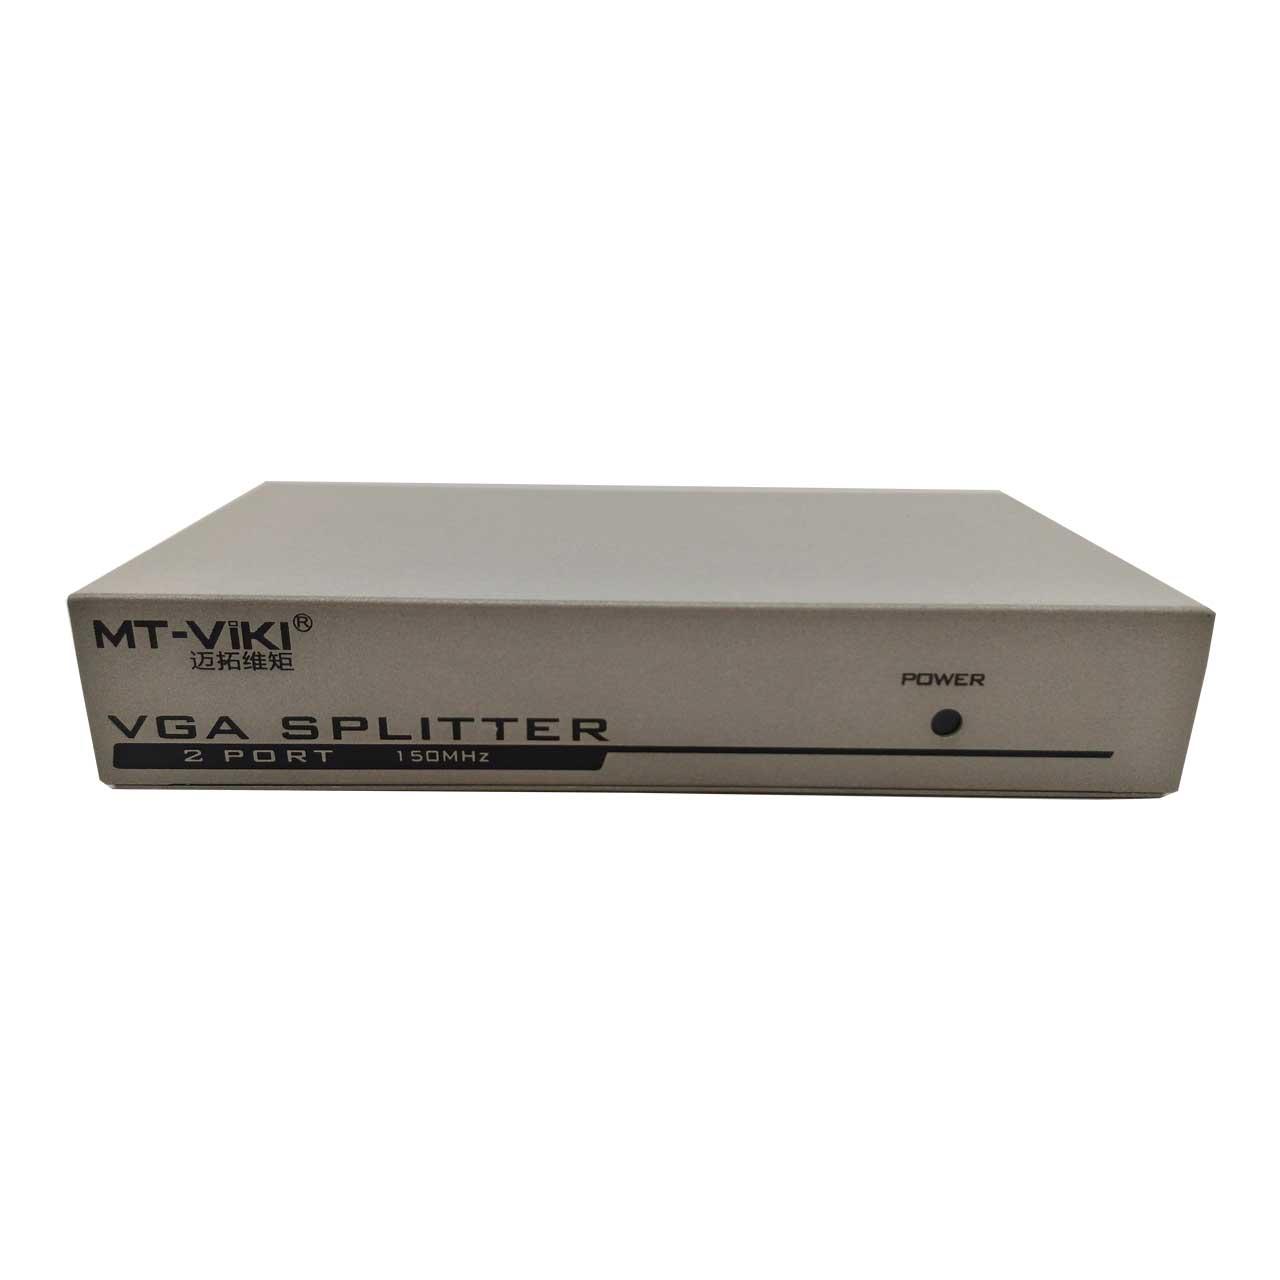 اسپلیتر 1 به 2 VGA ام تی ویکی مدل MT-M150